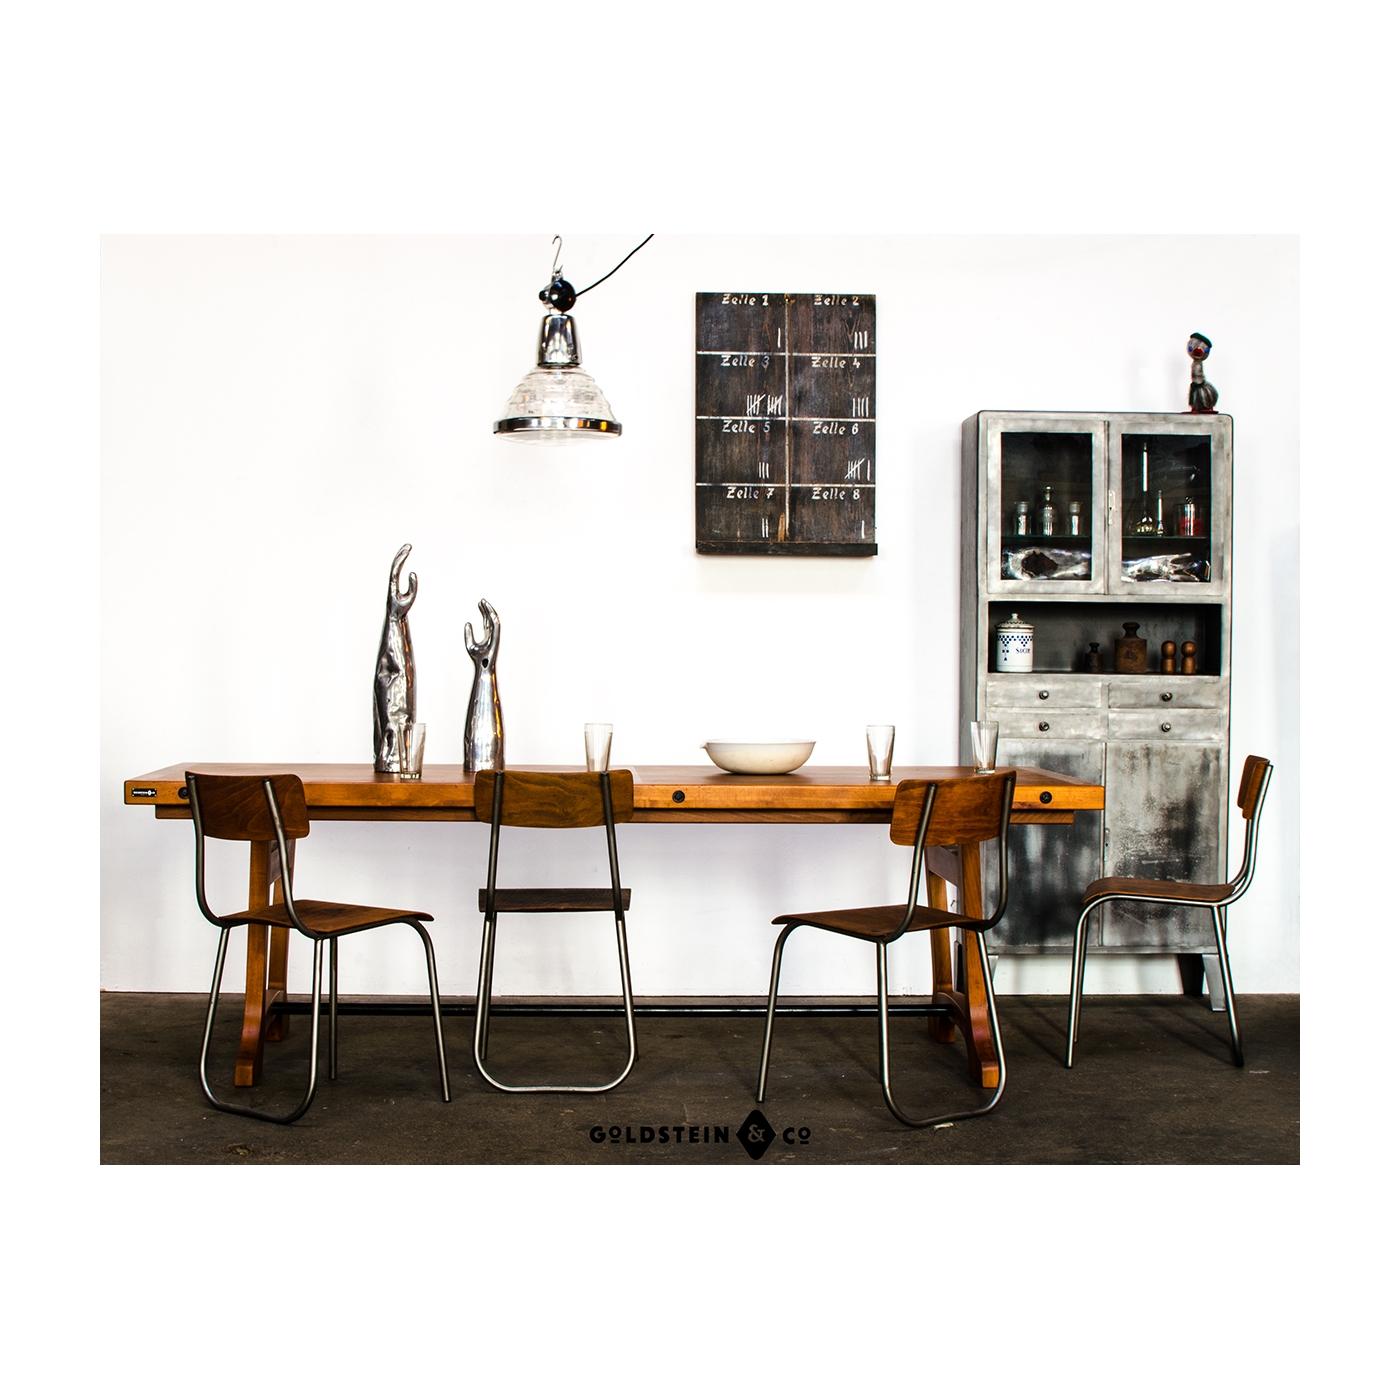 Massivholztisch mit industrieller sthetik for Esstisch industriestil